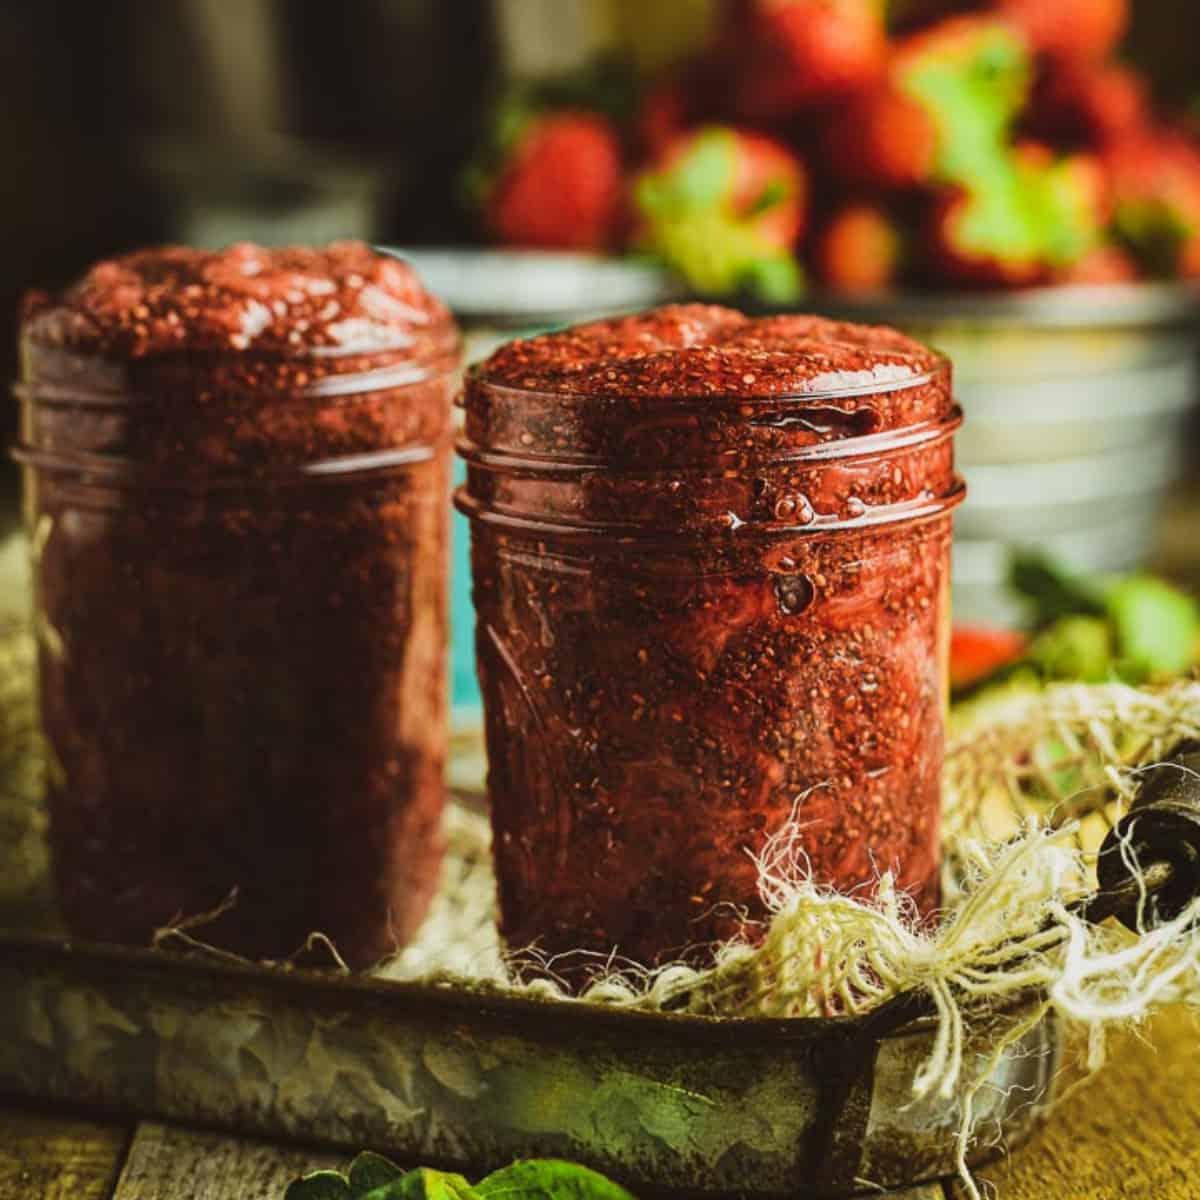 Strawberry chia jam in glass jar.